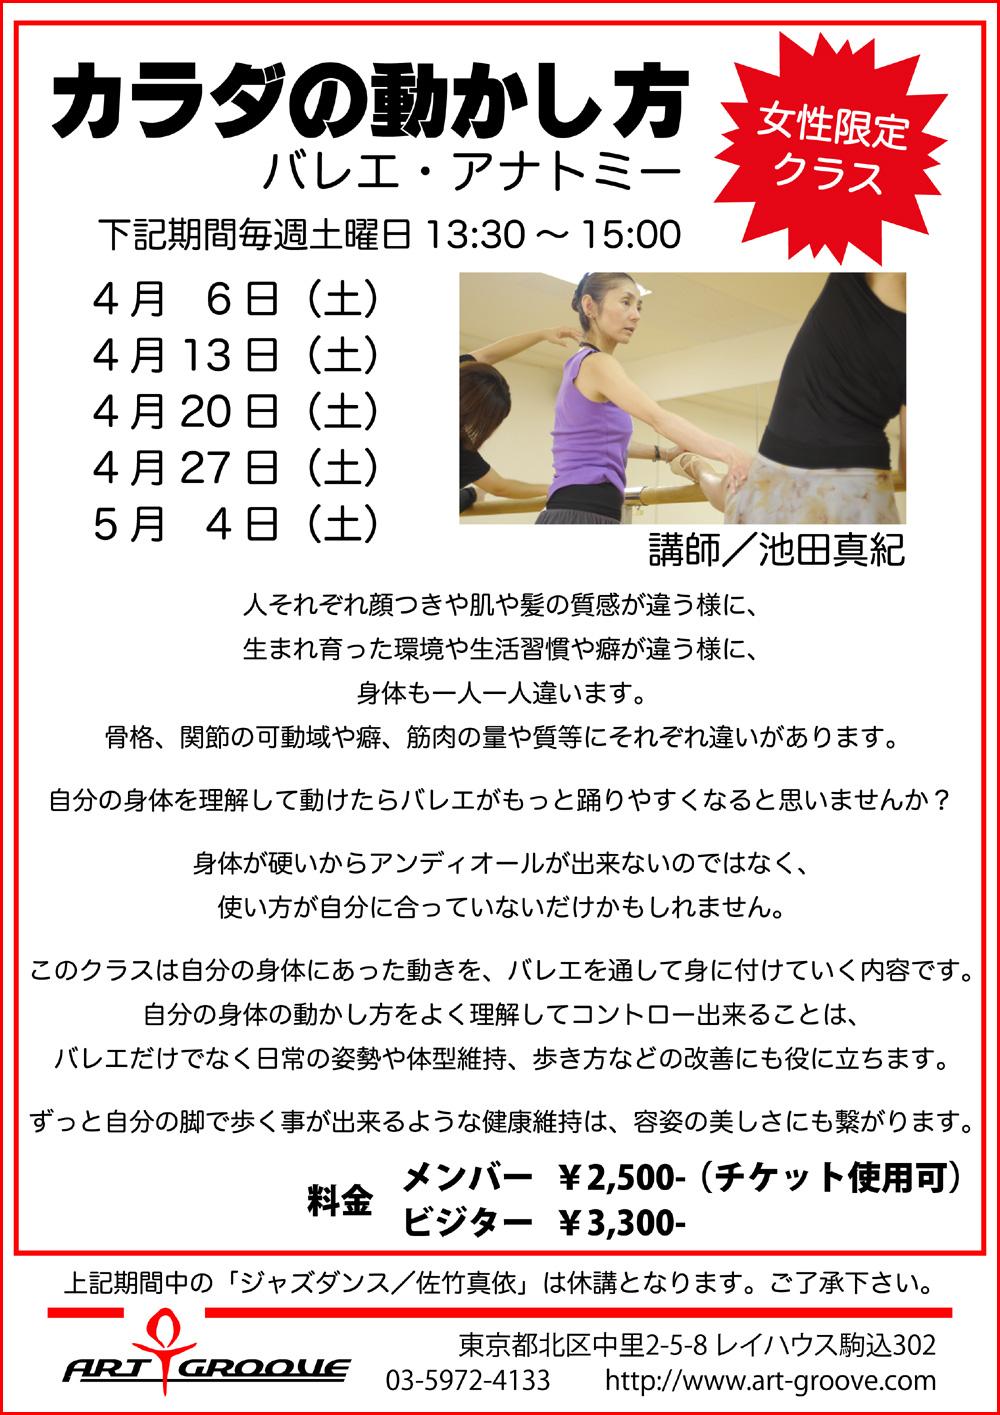 カラダの動かし方-2019.04